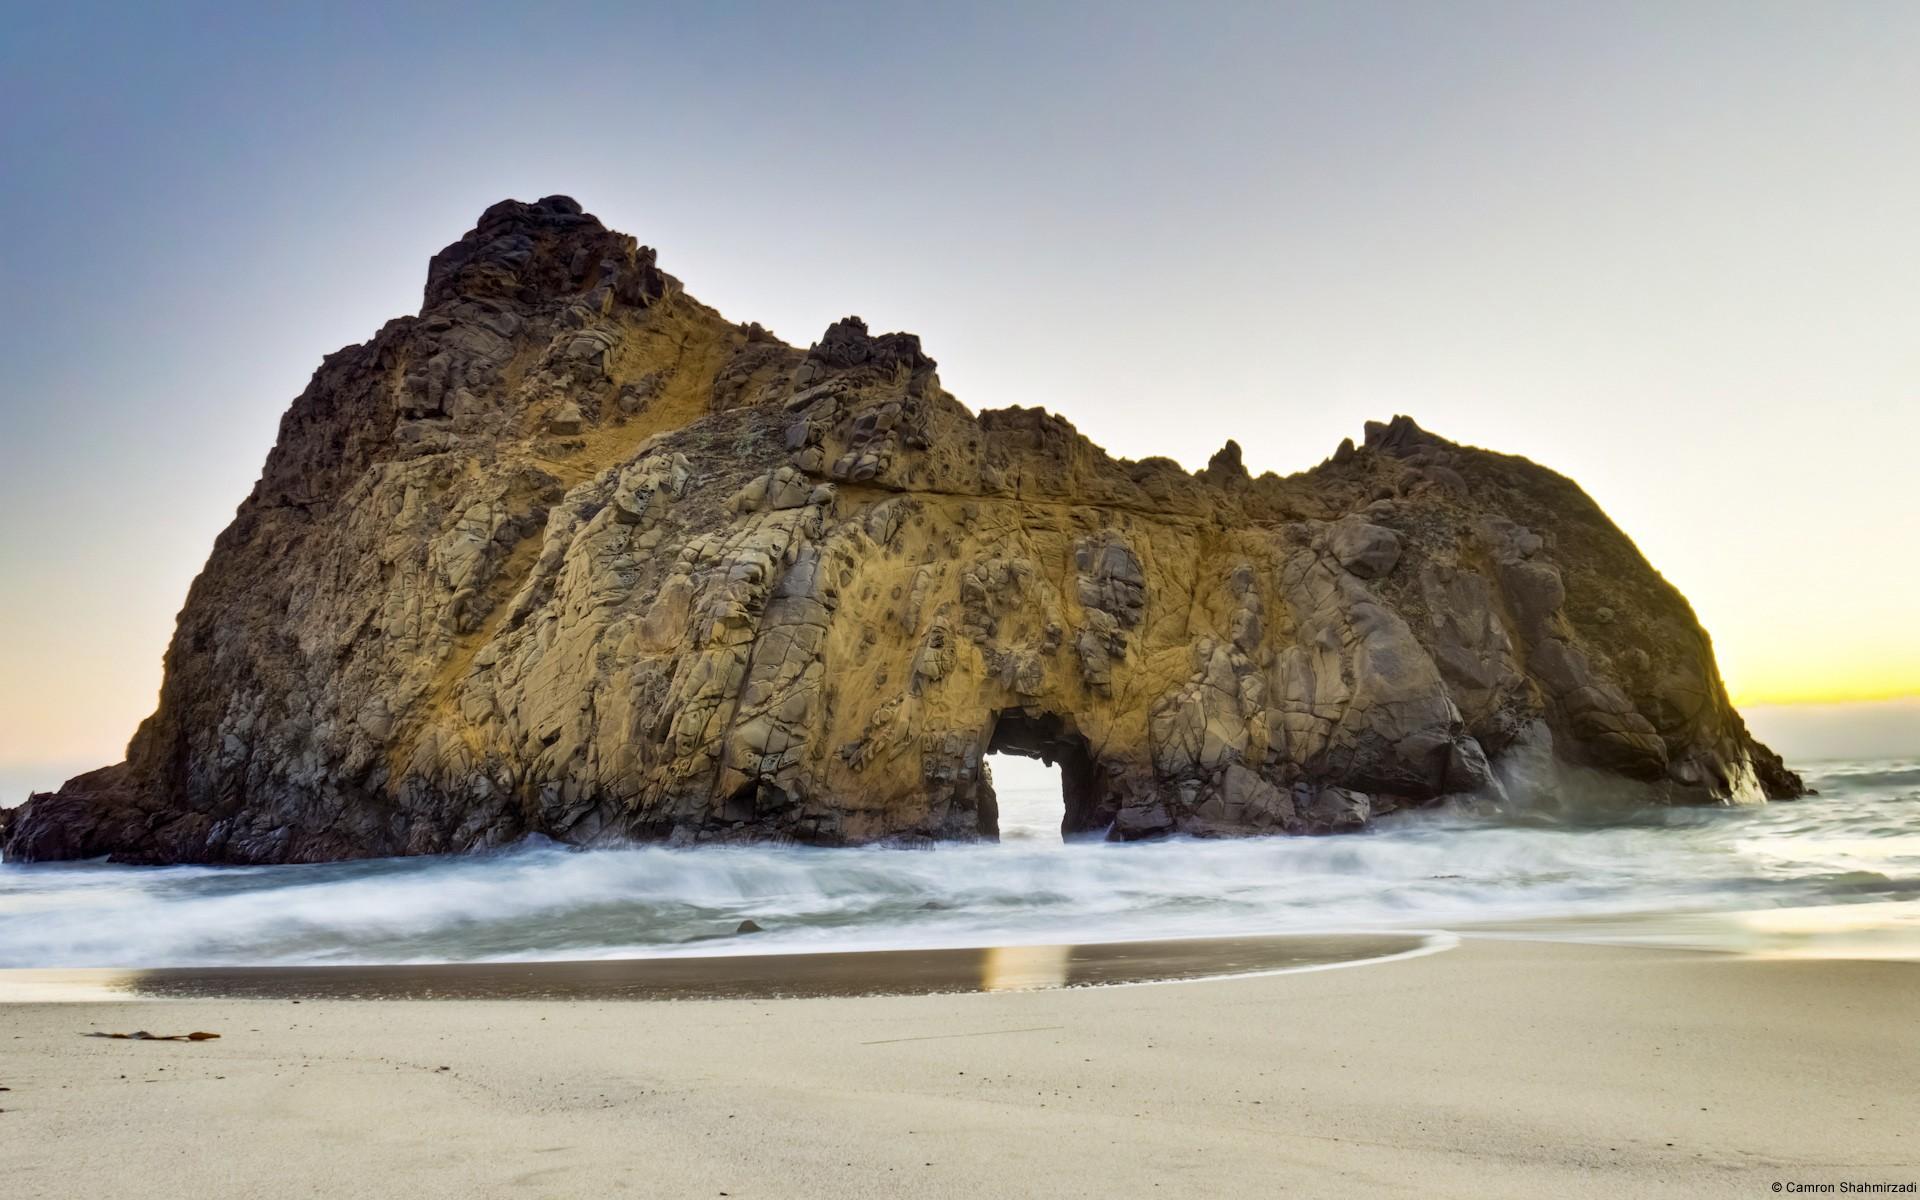 Cuevas playa - 1920x1200